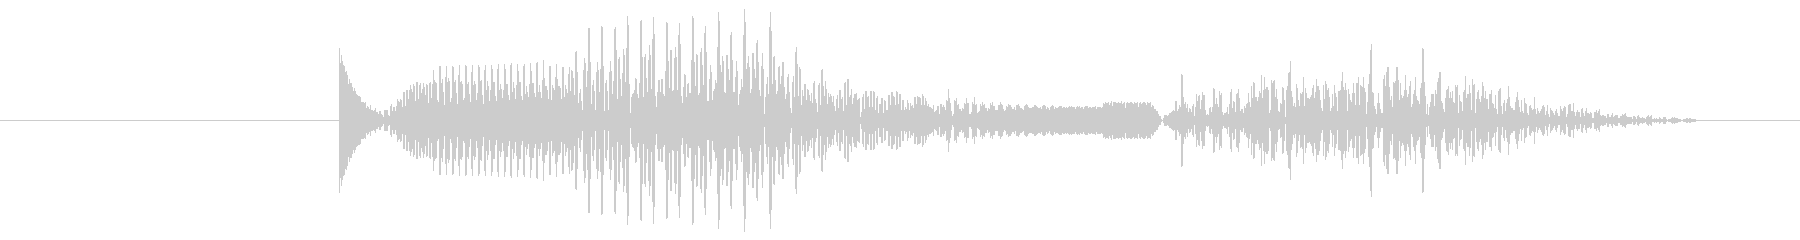 アーケード ビープポジティブ01の未再生の波形